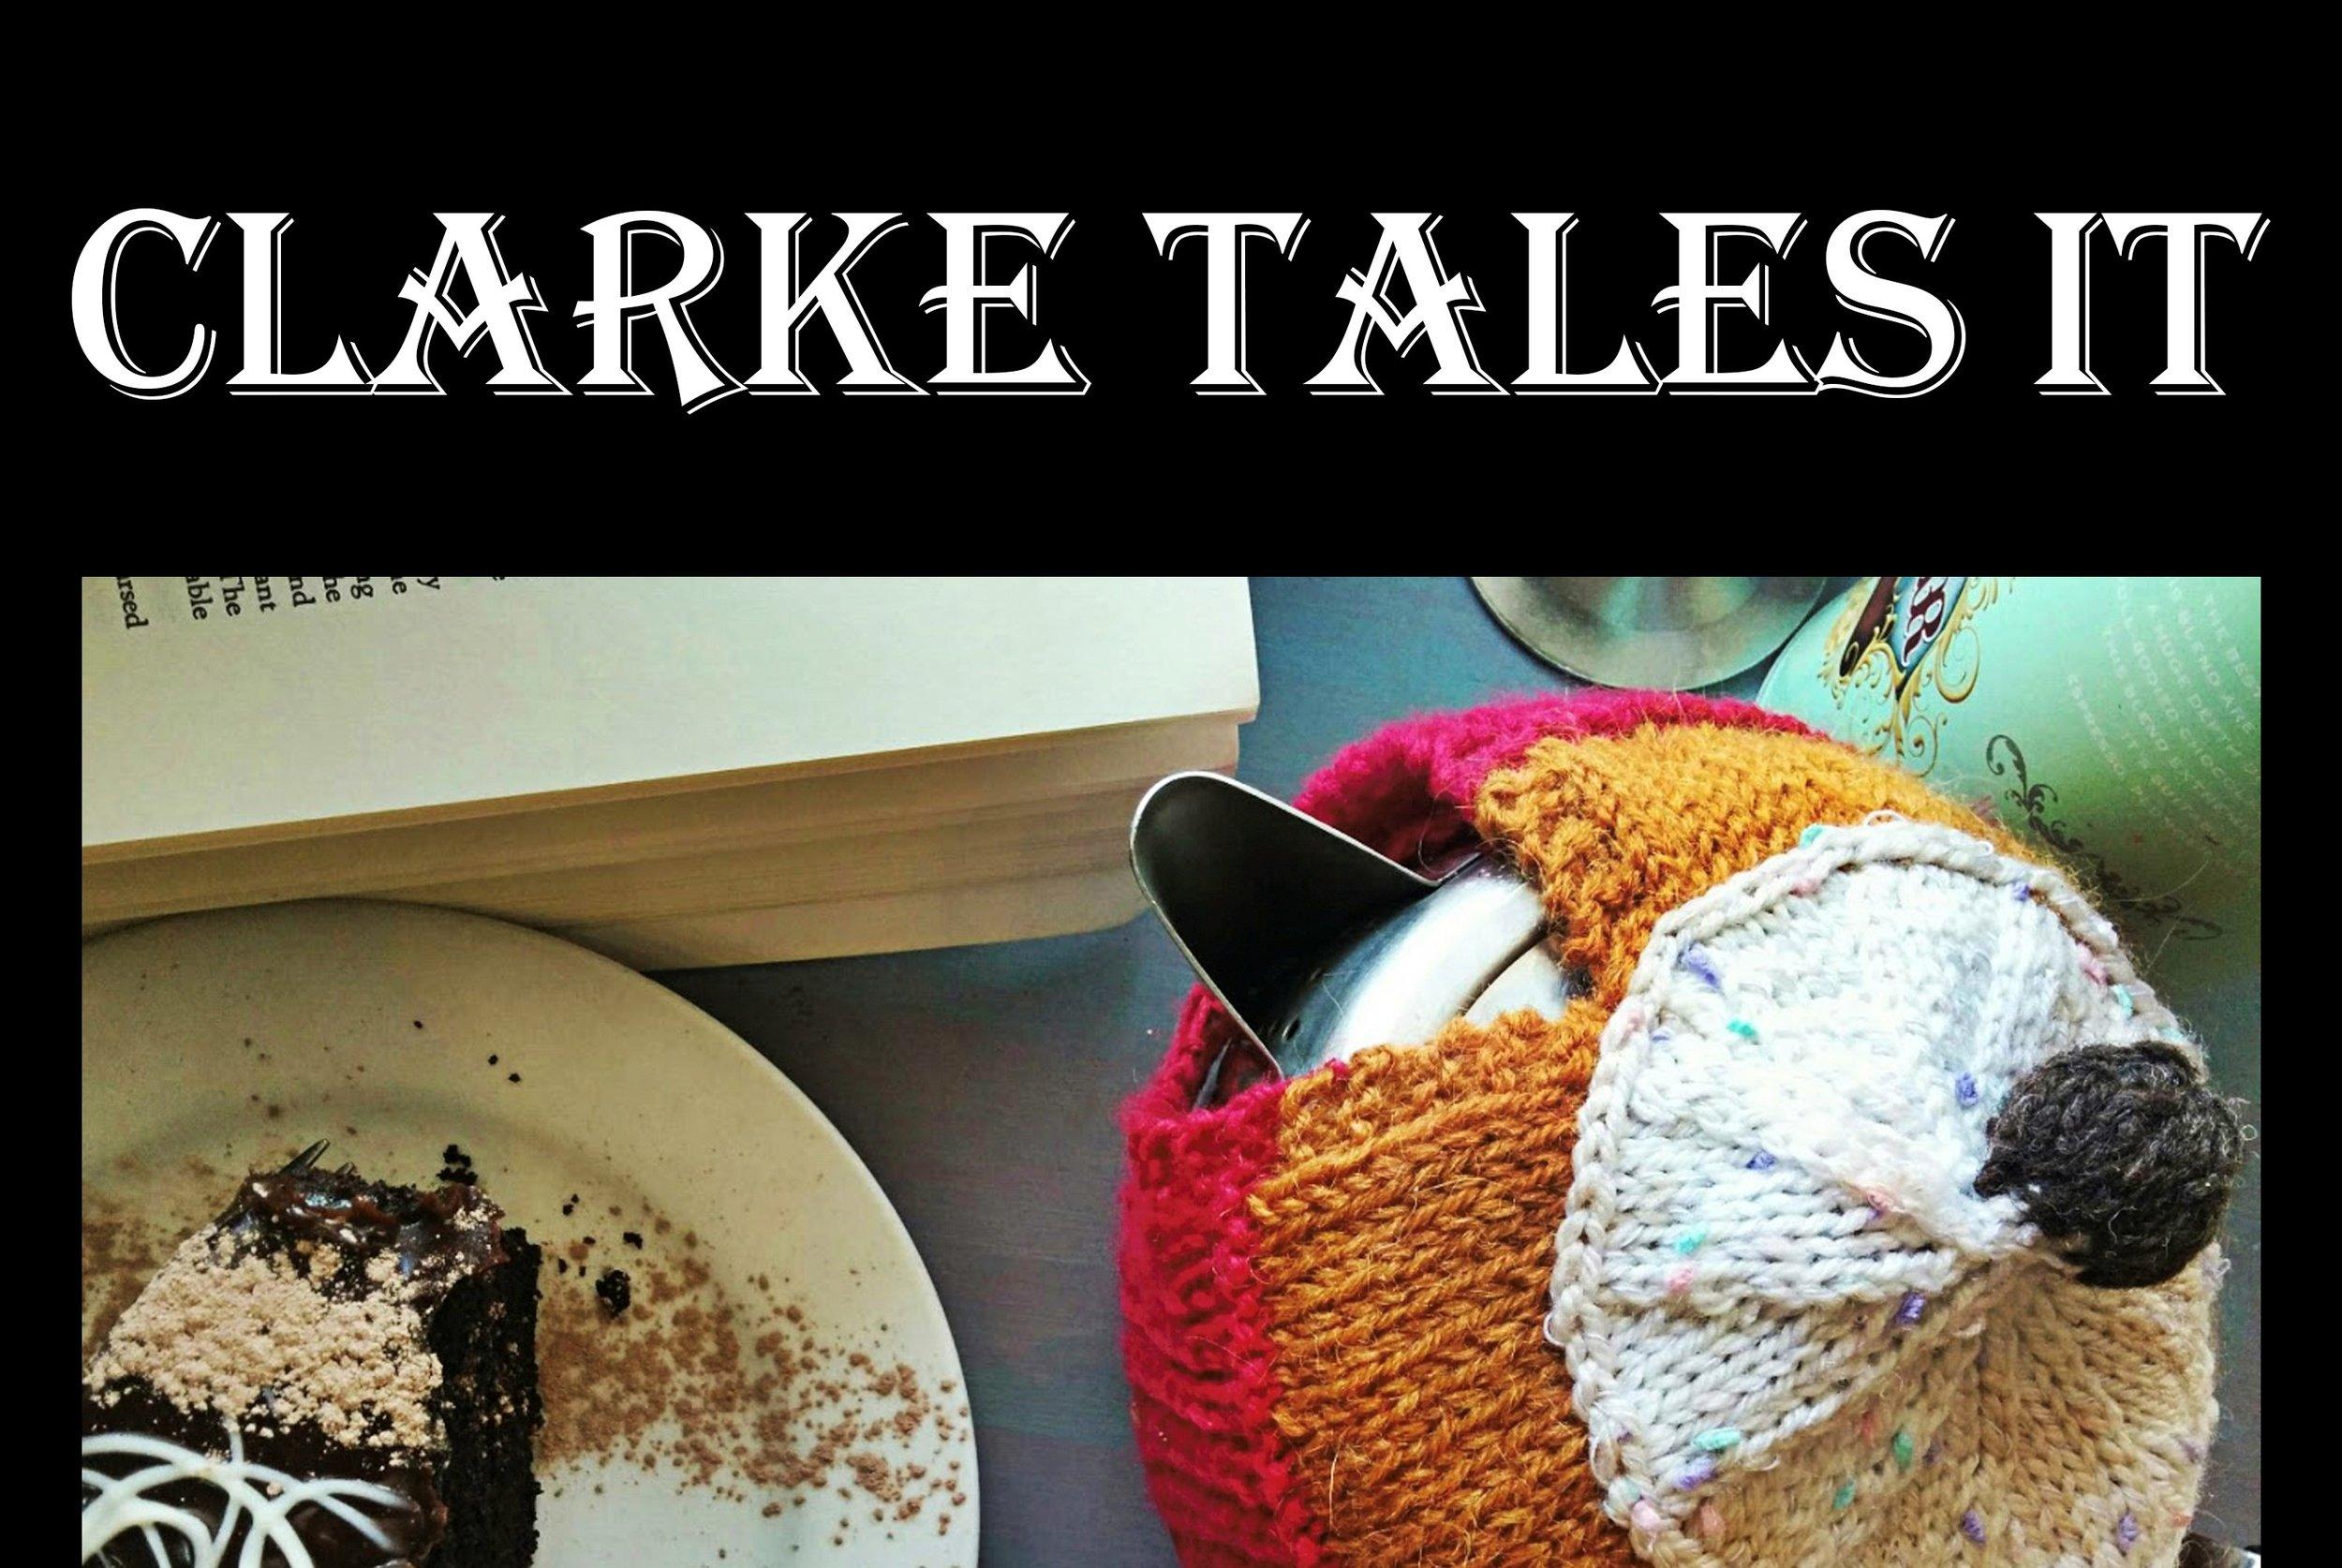 Clarke Tales It cropped.jpg